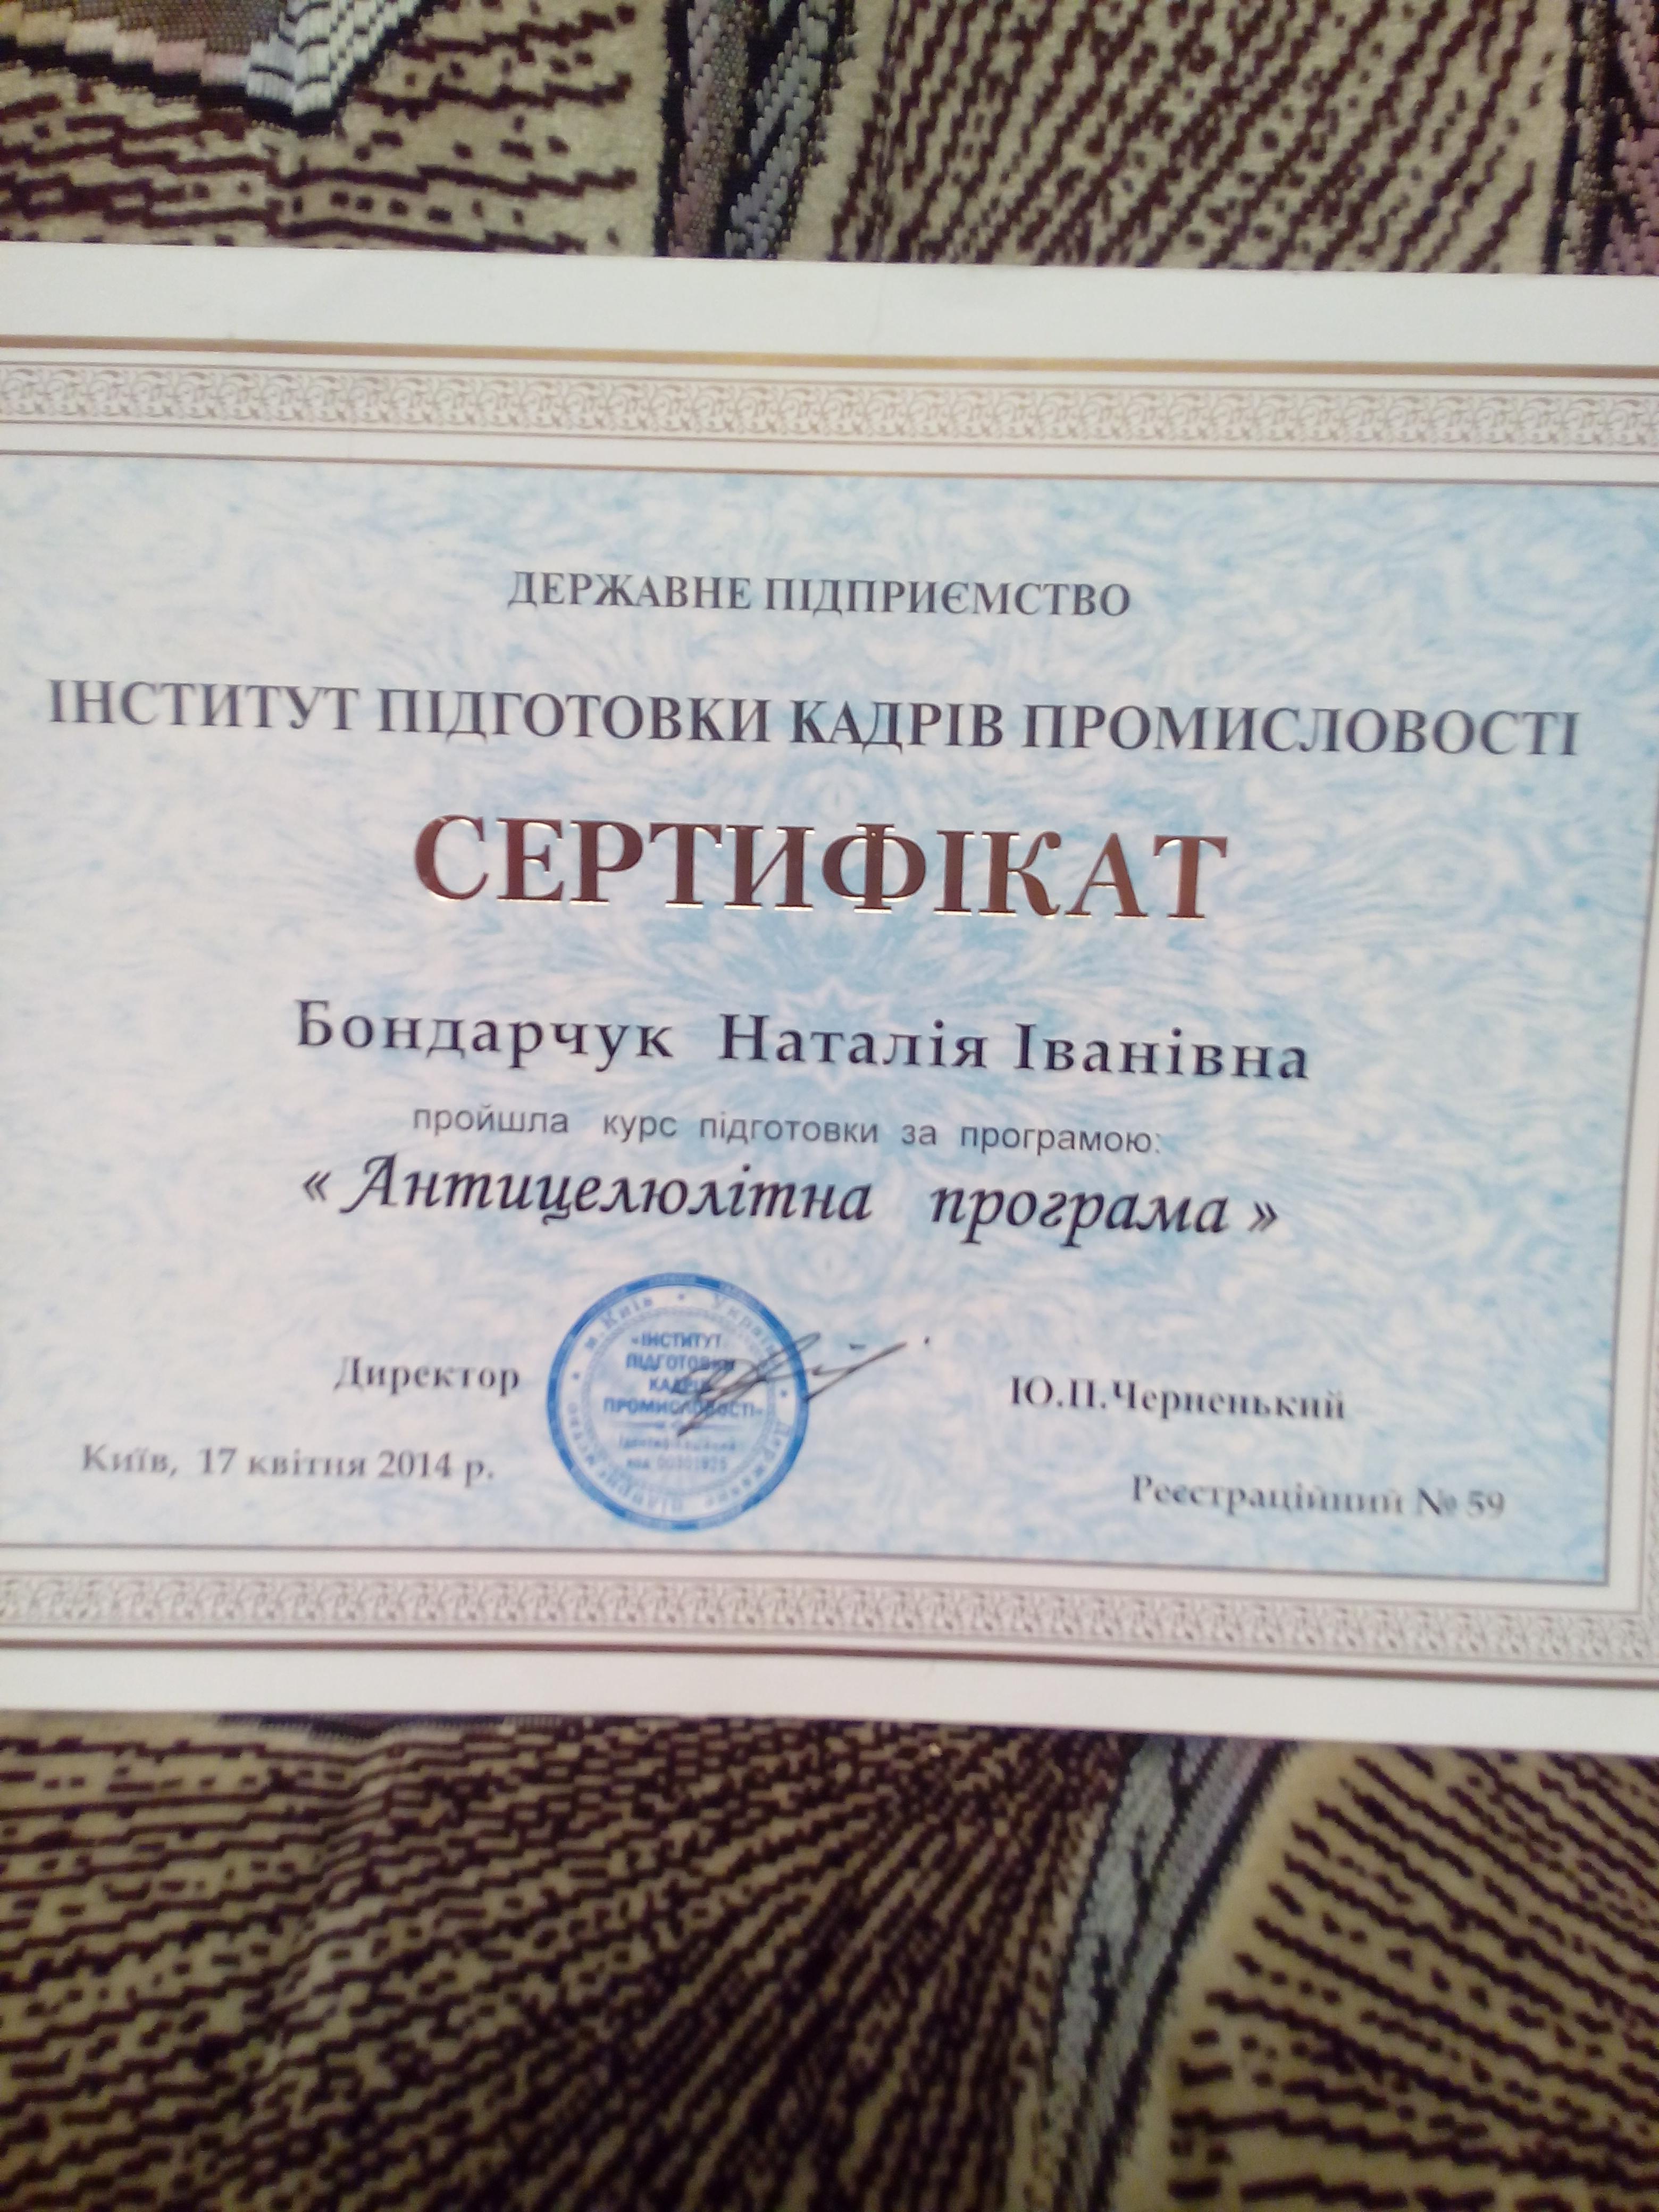 Фото Сертификат о прохождении курса анти целлюлит ноги массажа